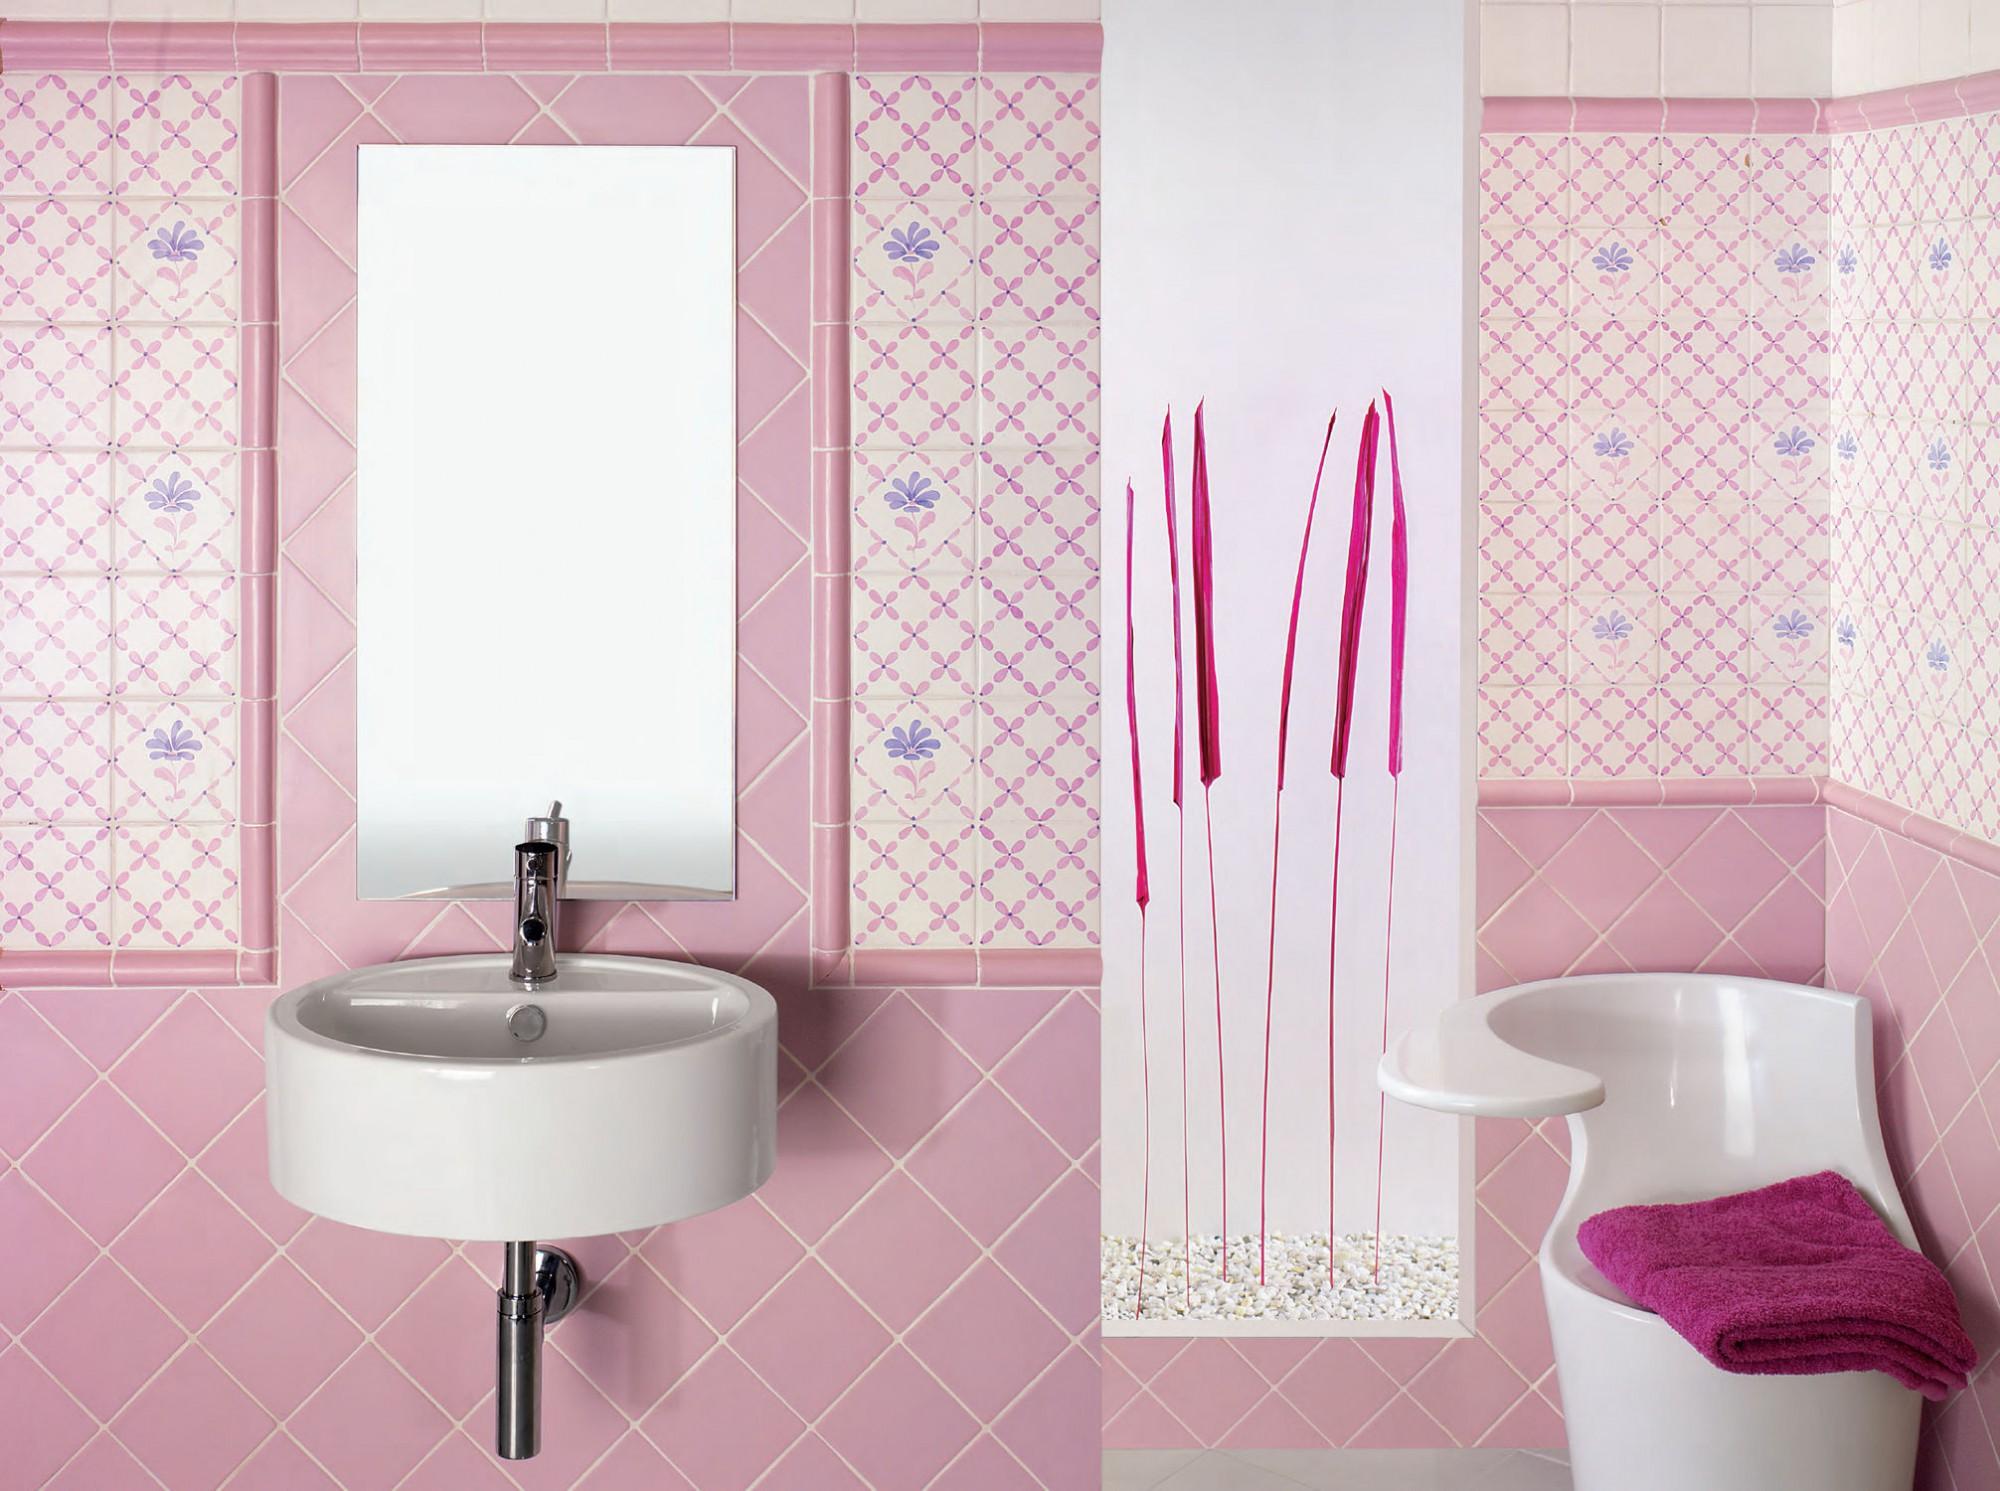 Розово-белая плитка в отделке ванной комнаты